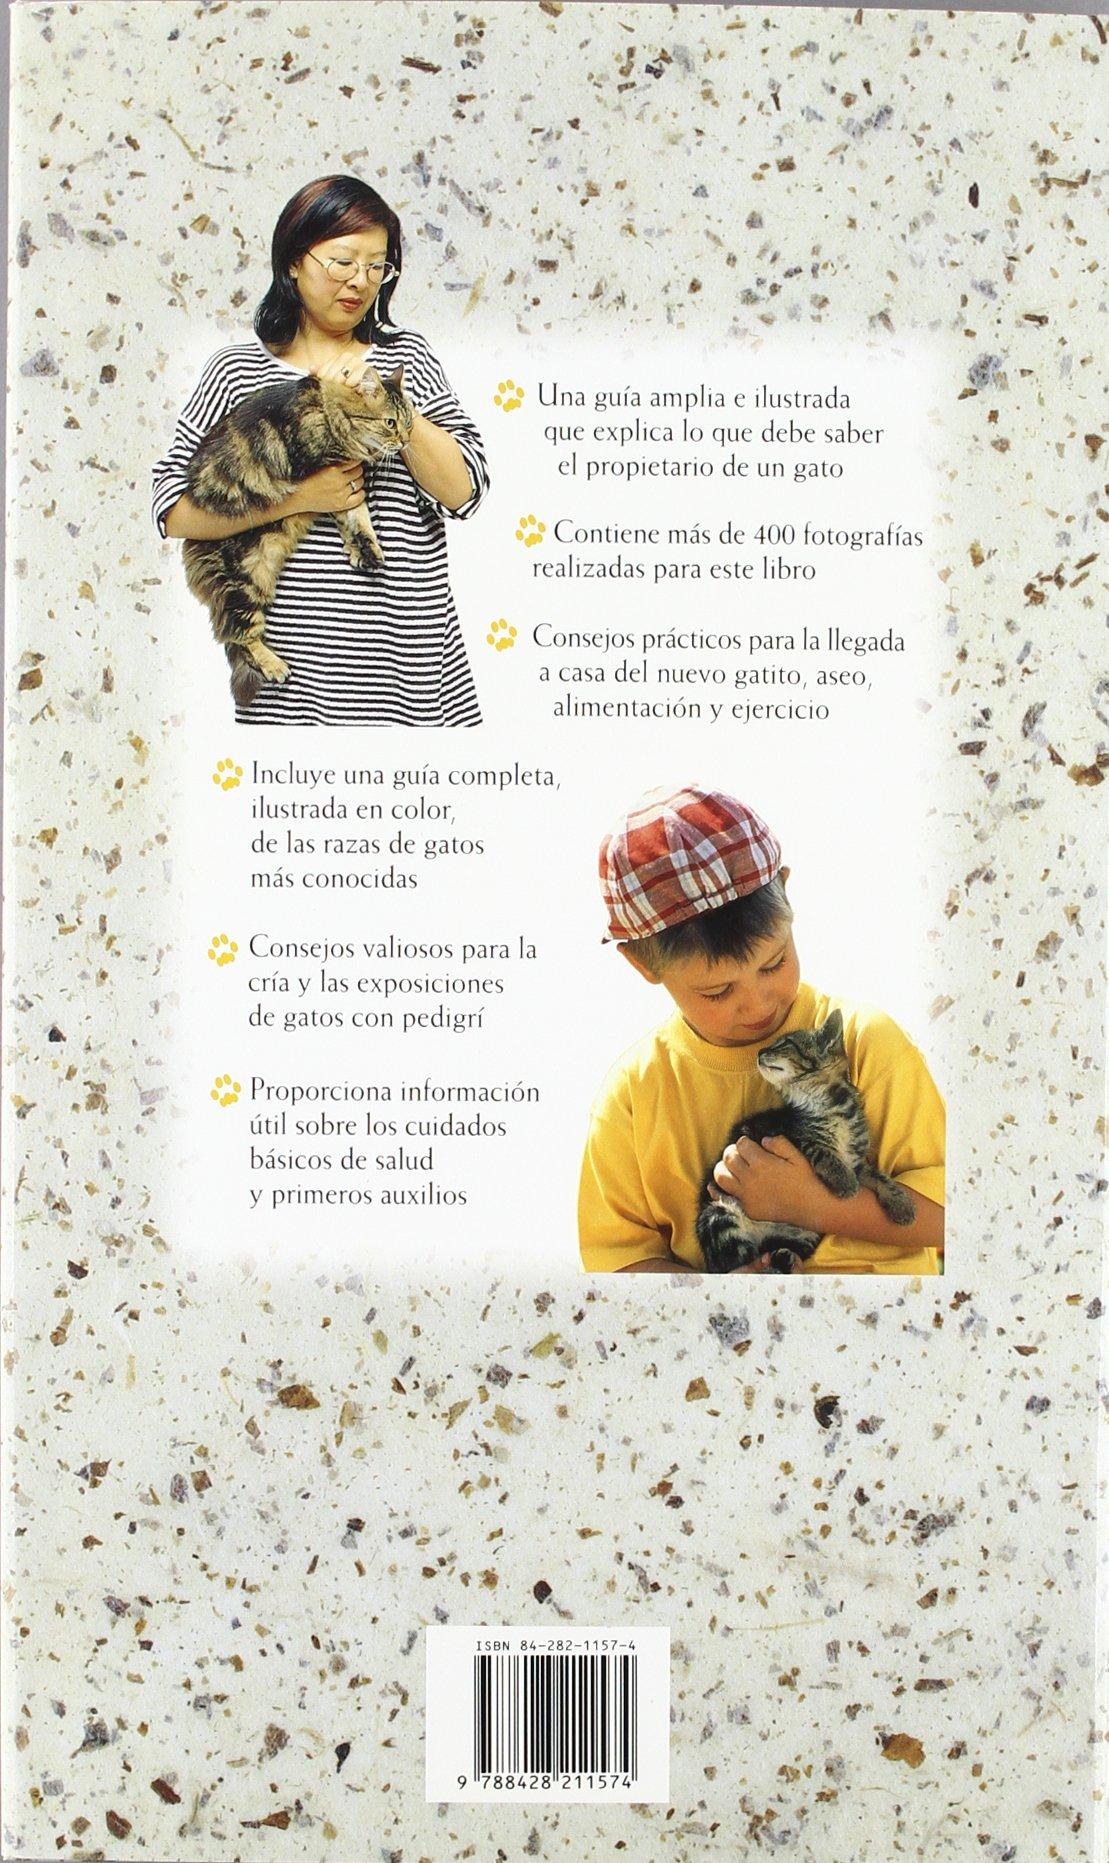 El gran libro del gato : manual del propietario: SUSIE PAGE: 9788428211574: Amazon.com: Books